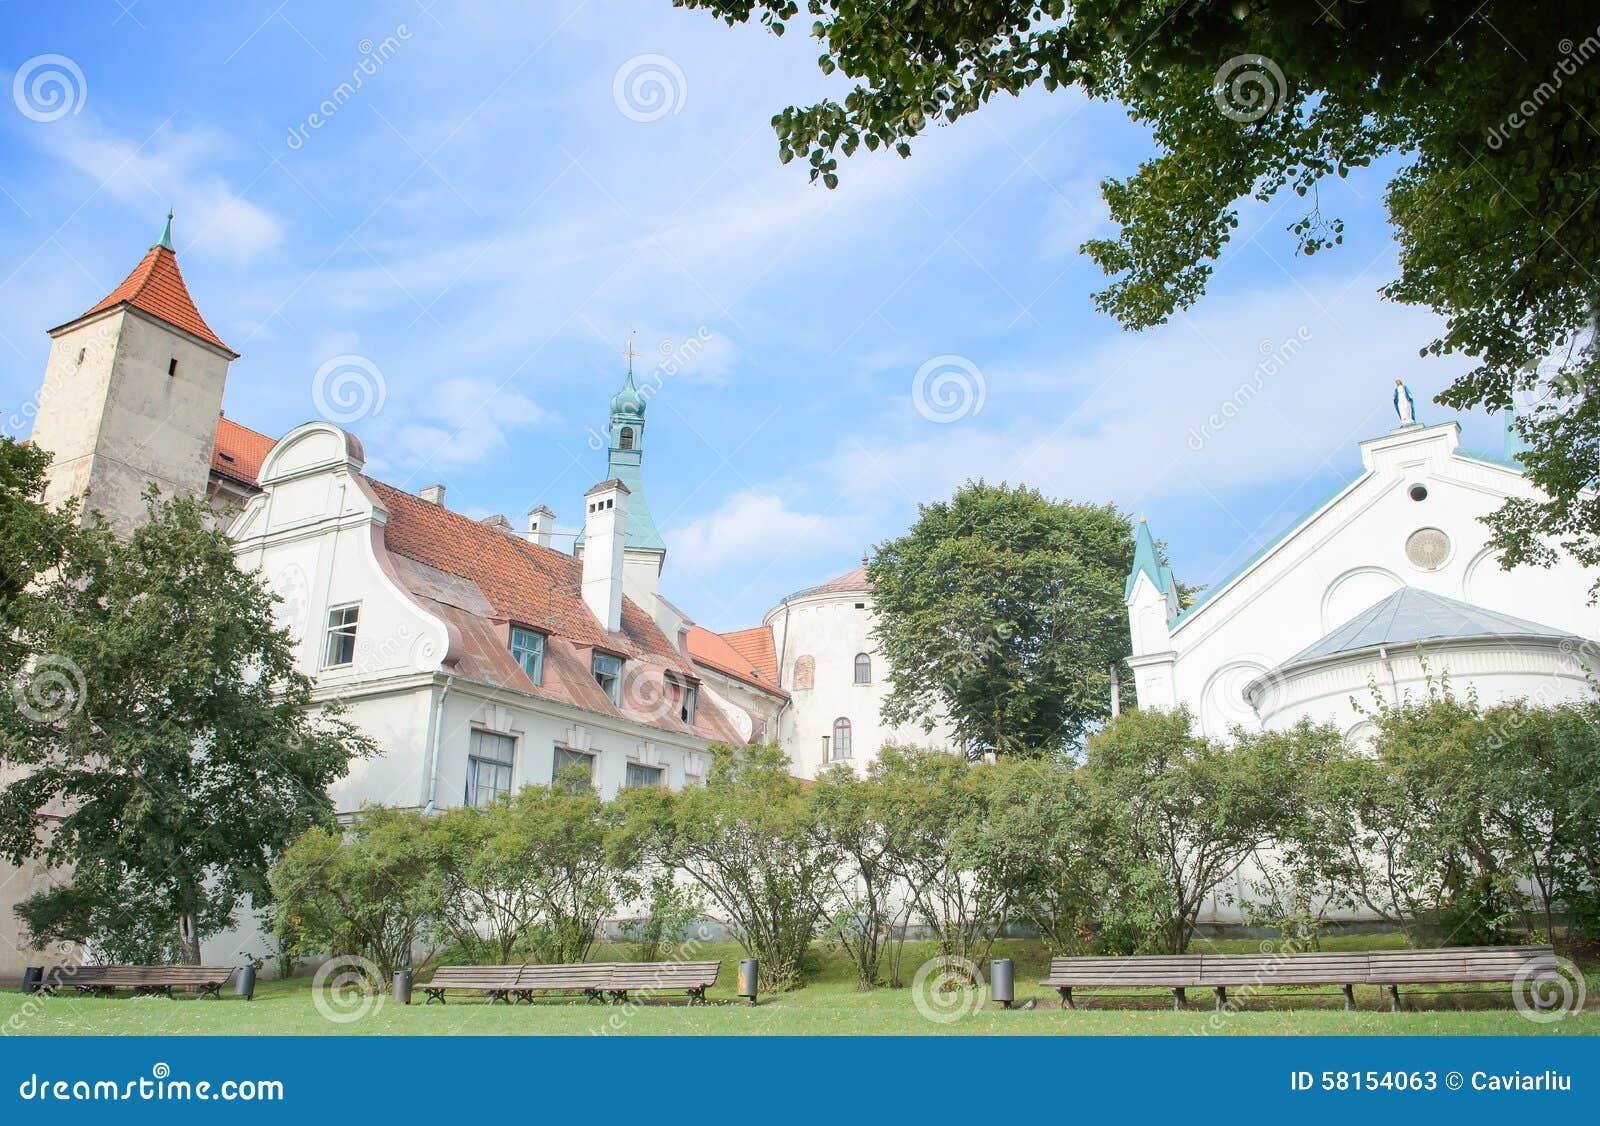 Ρήγα, Λετονία - 10 Αυγούστου 2014 - η γραφική άποψη της Ρήγας Castle (η κατοικία του Προέδρου της Λετονίας) με τη Virgin Angu